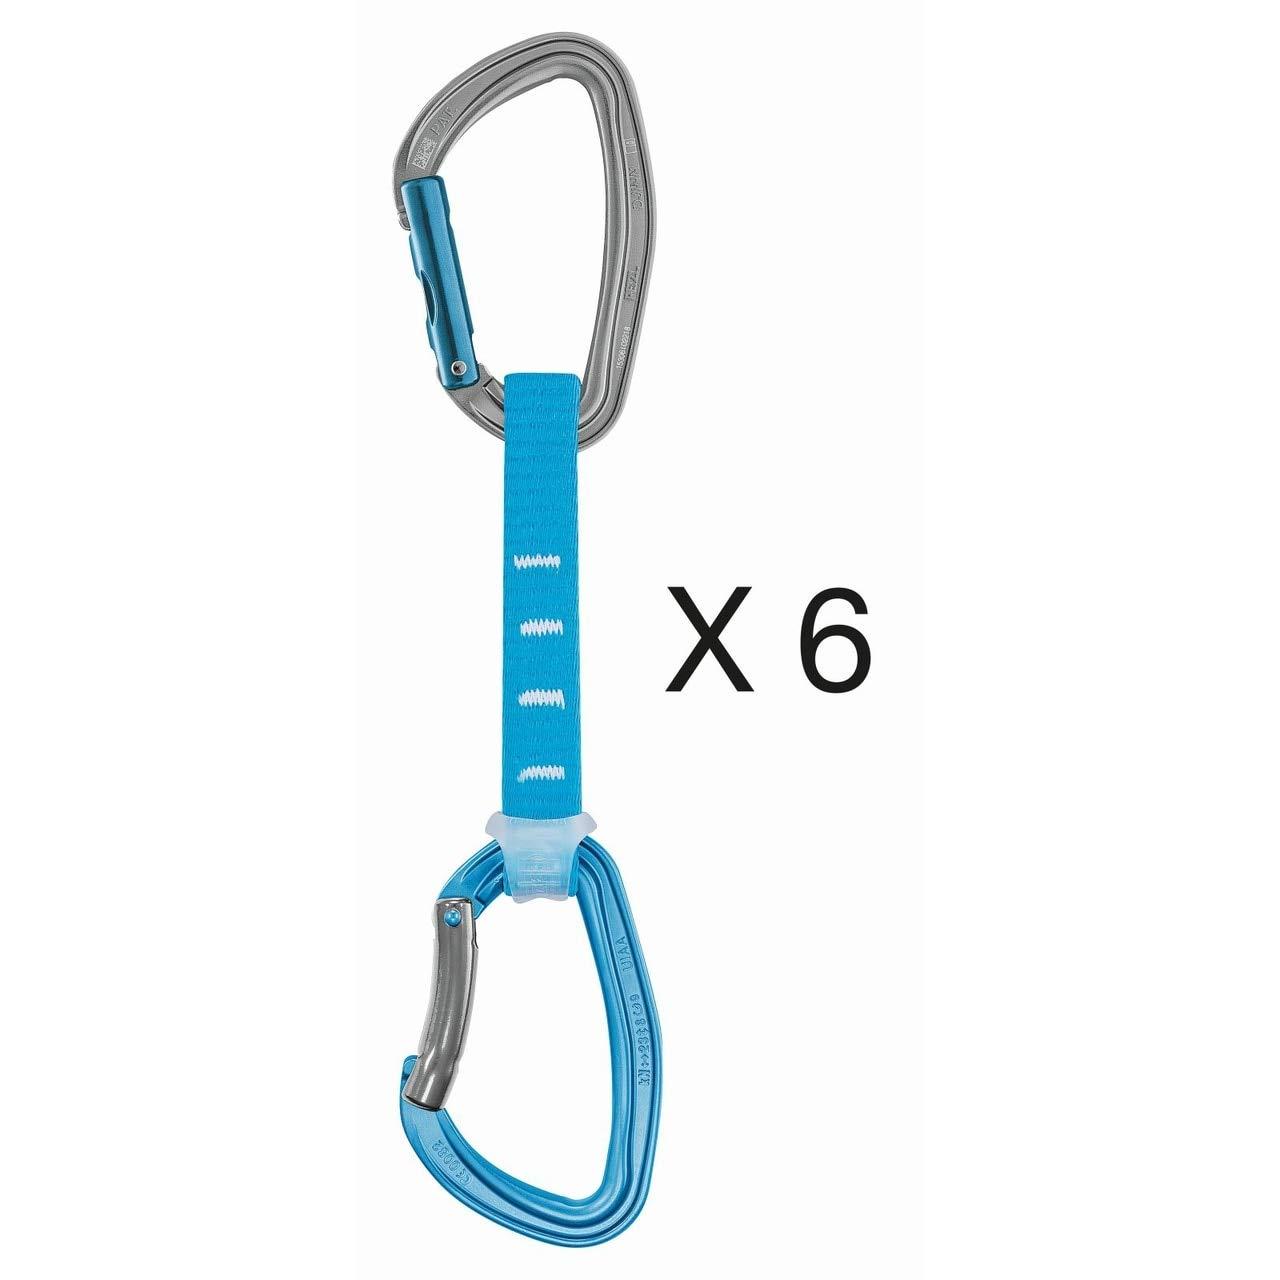 PETZL - Pack 6 Djinn Axess Quickdraw, Blue, 12 cm by PETZL